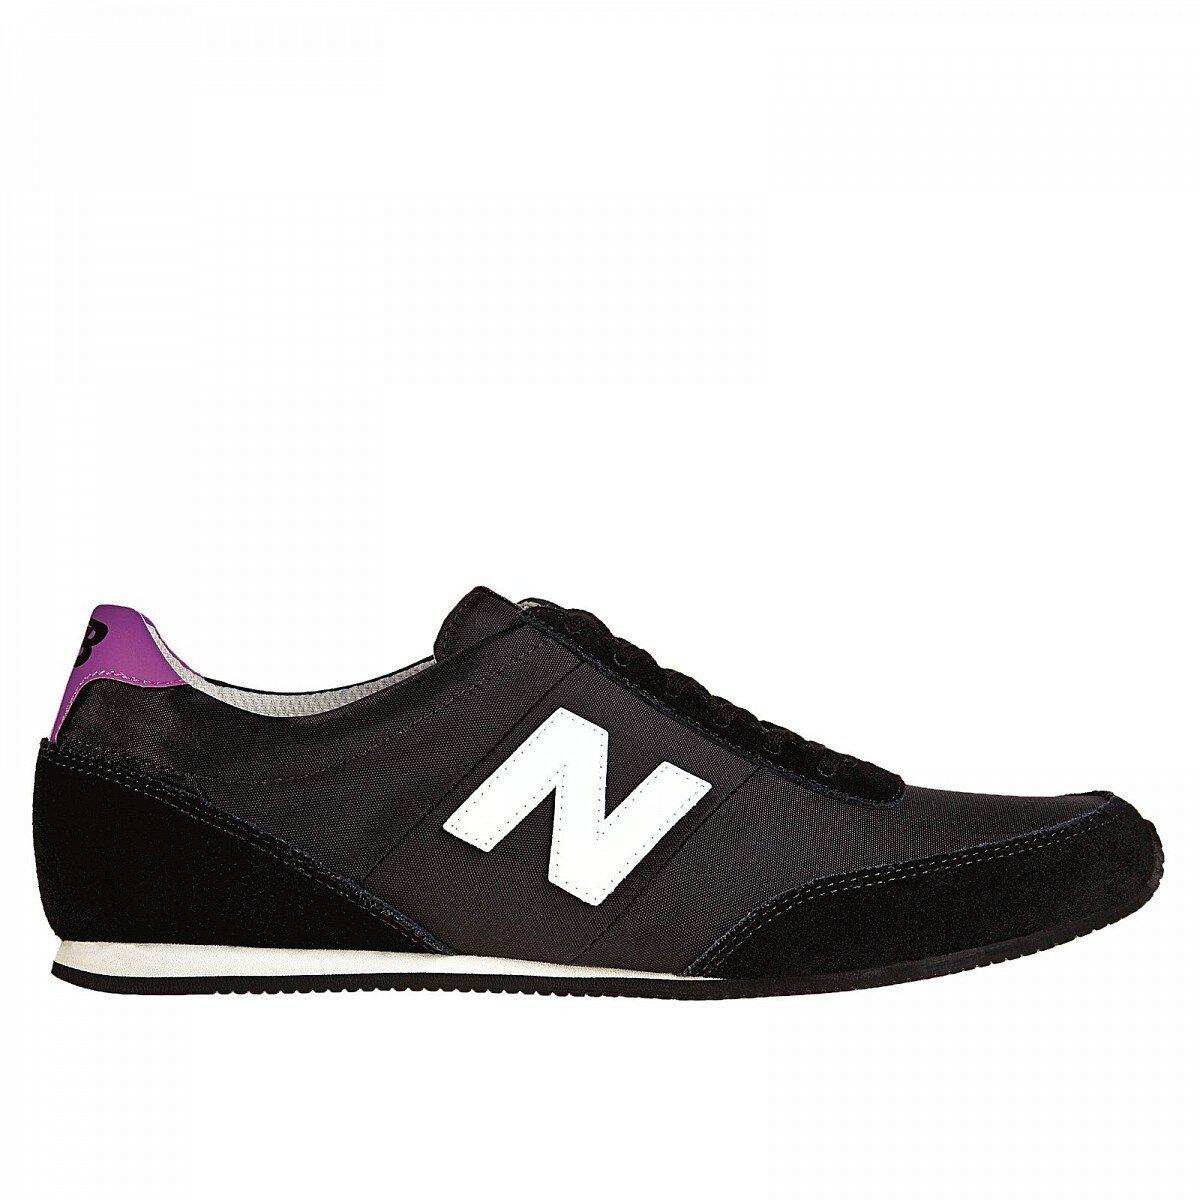 Dámske čierne tenisky New Balance s fialovými detailami  418849dcb01